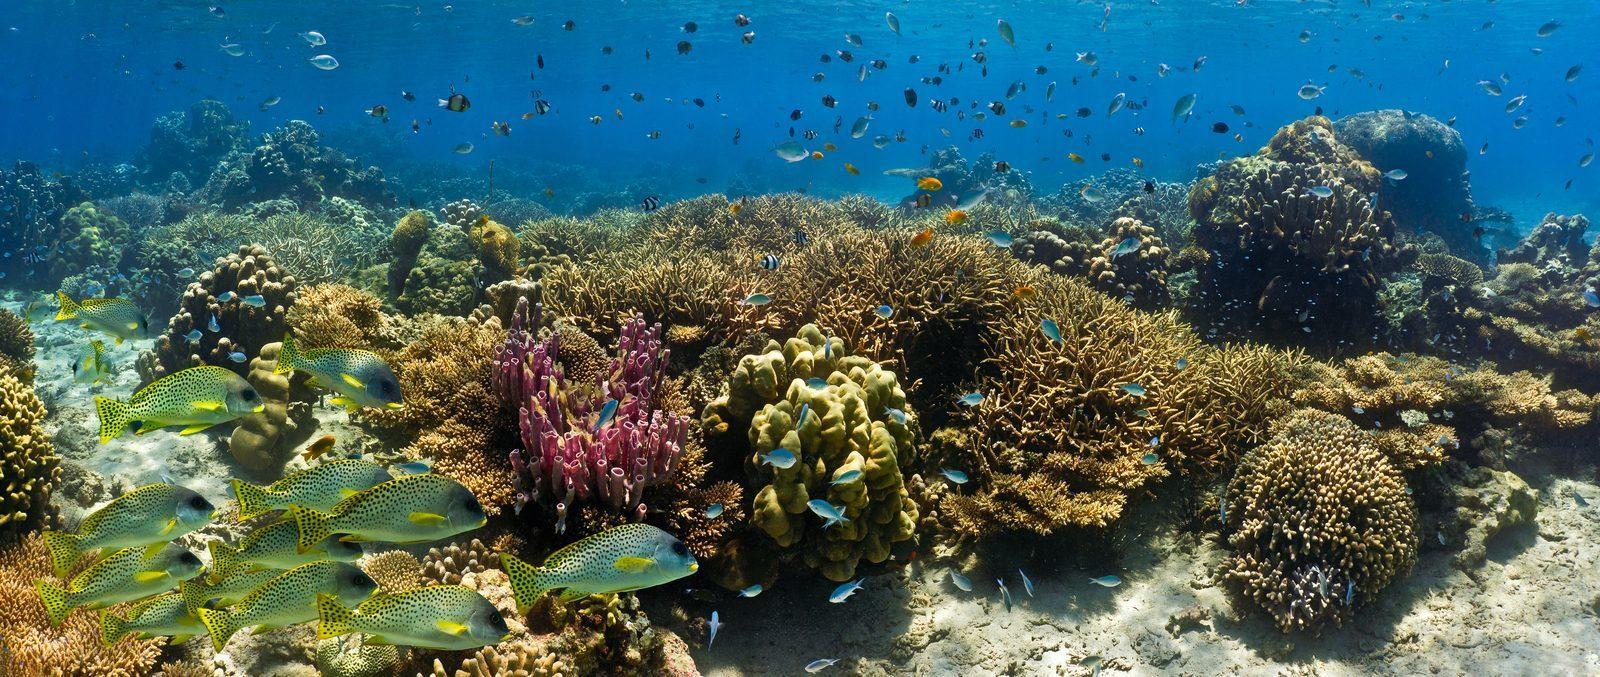 Diving school Resort Bonaire